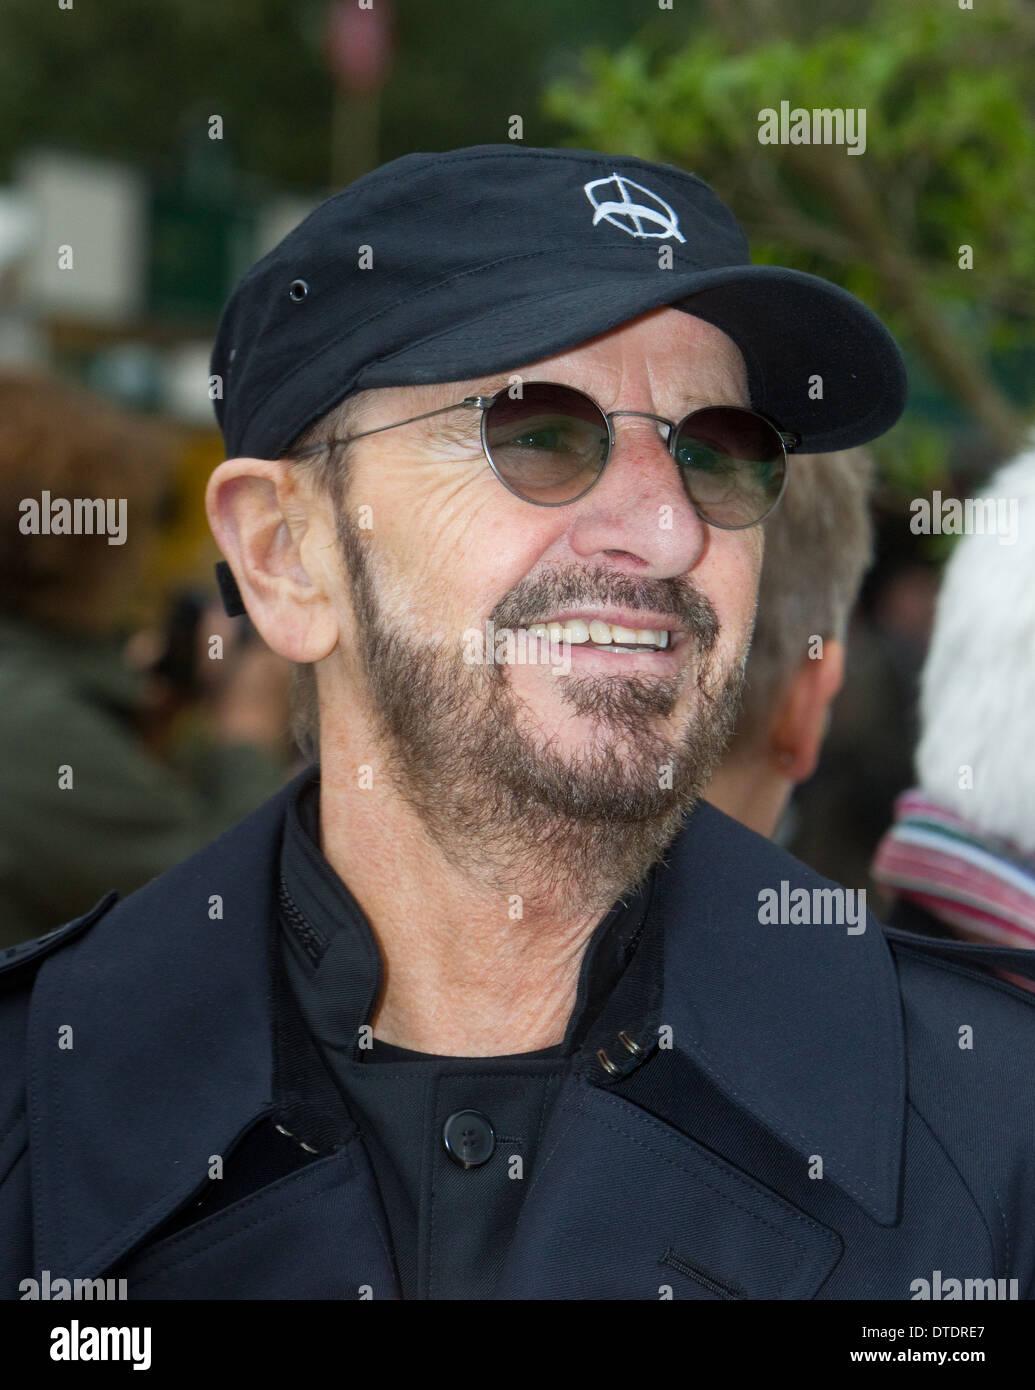 Ringo Starr-Chelsea Flower show - Stock Image